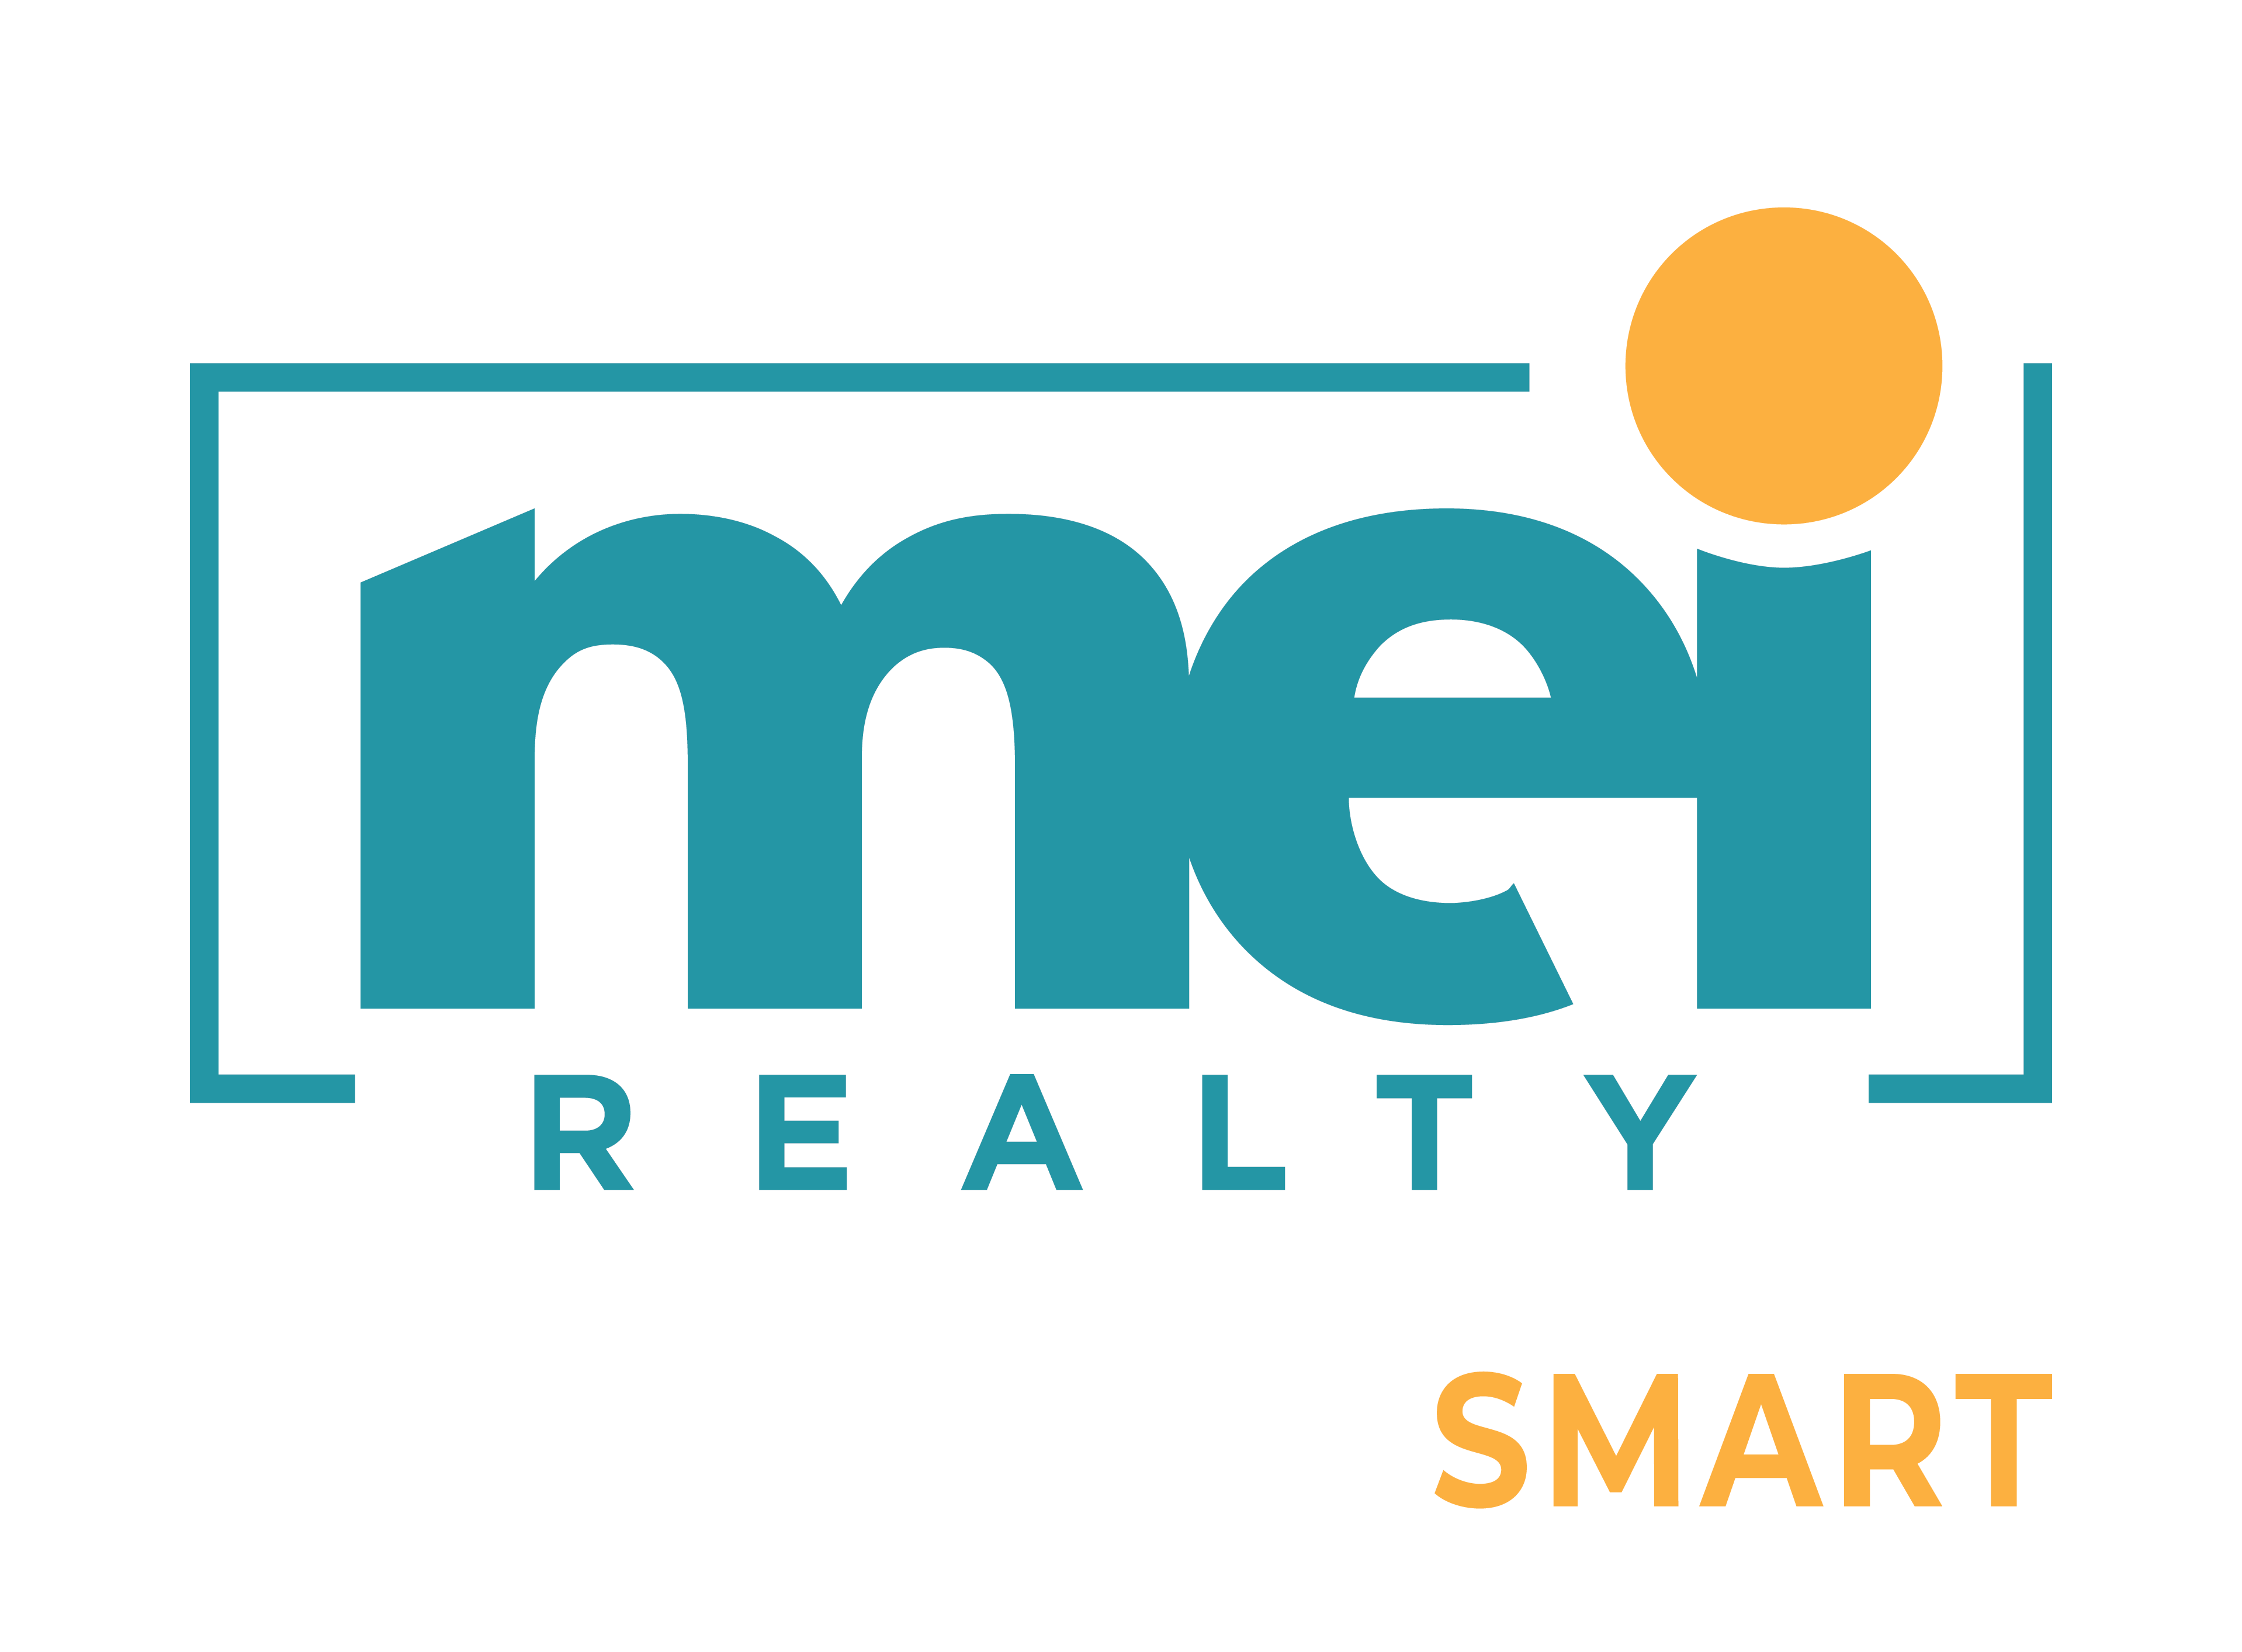 Mei Realty Smart